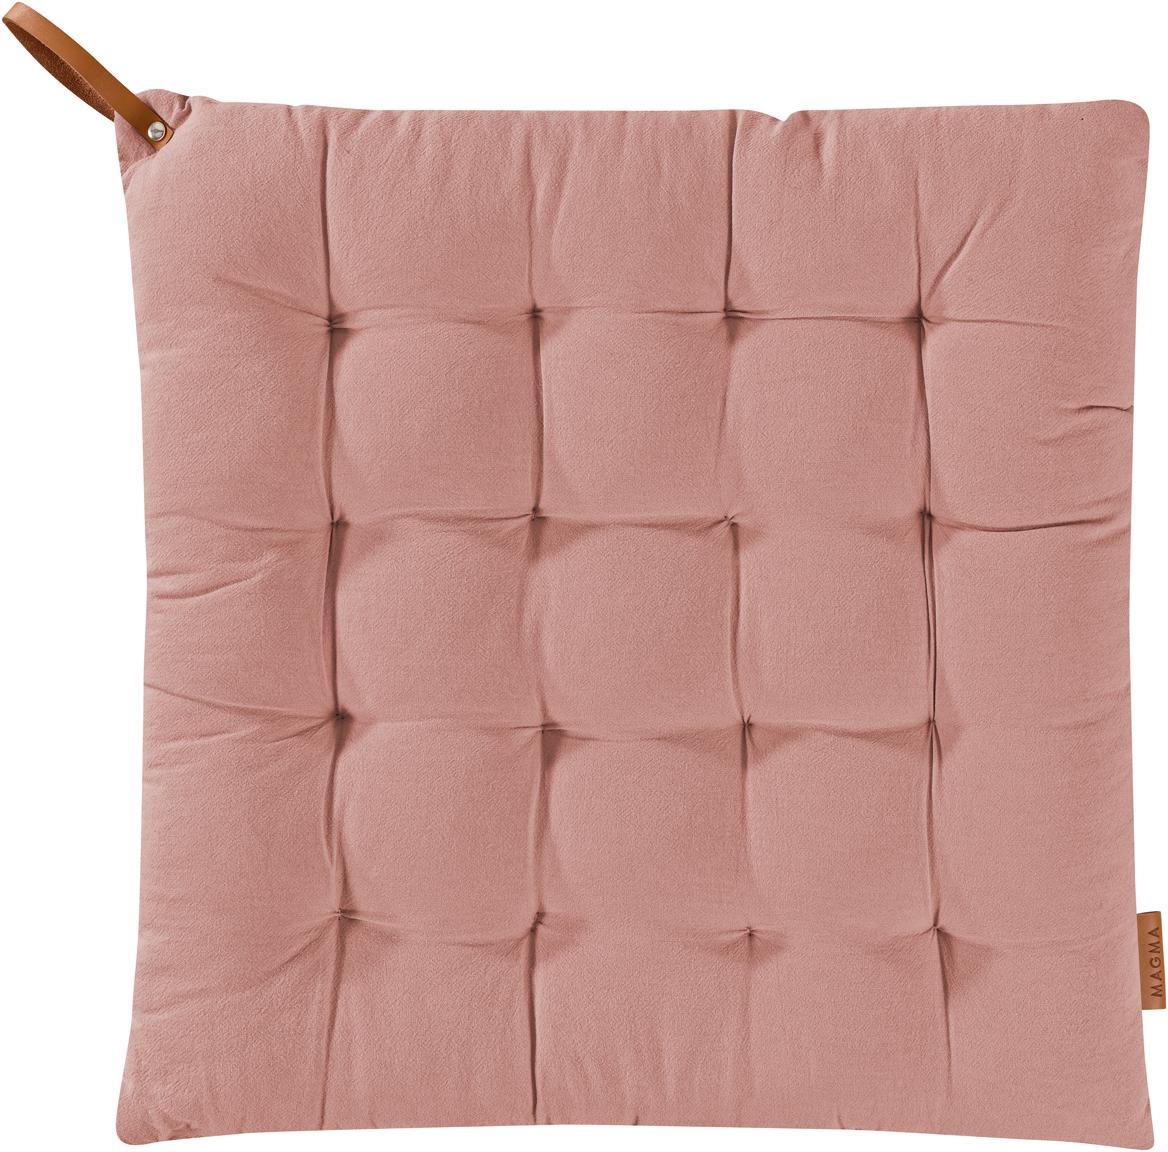 Cuscino sedia Billie, Cotone, Rosa cipria, Larg. 40 x Lung. 40 cm